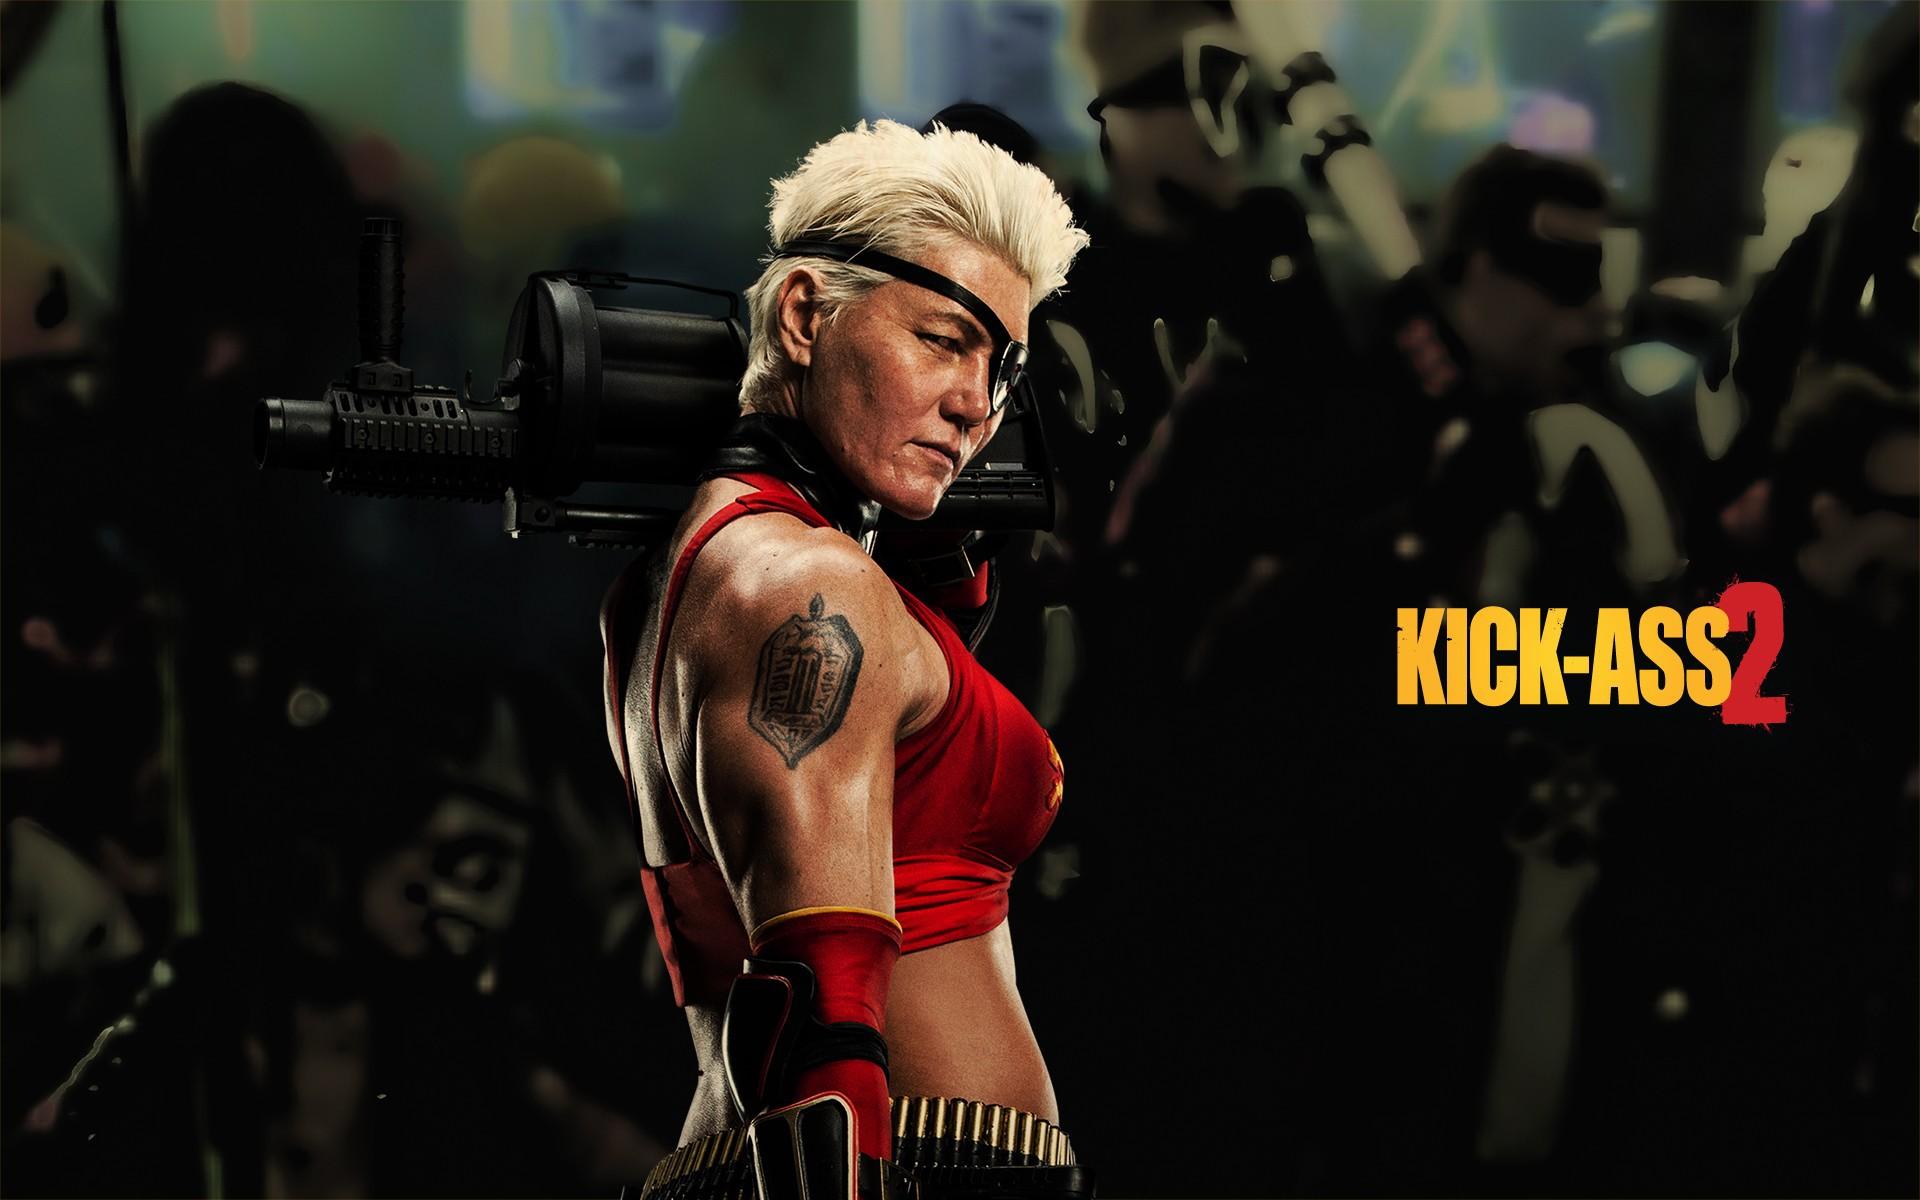 kick ass clips gaze fix